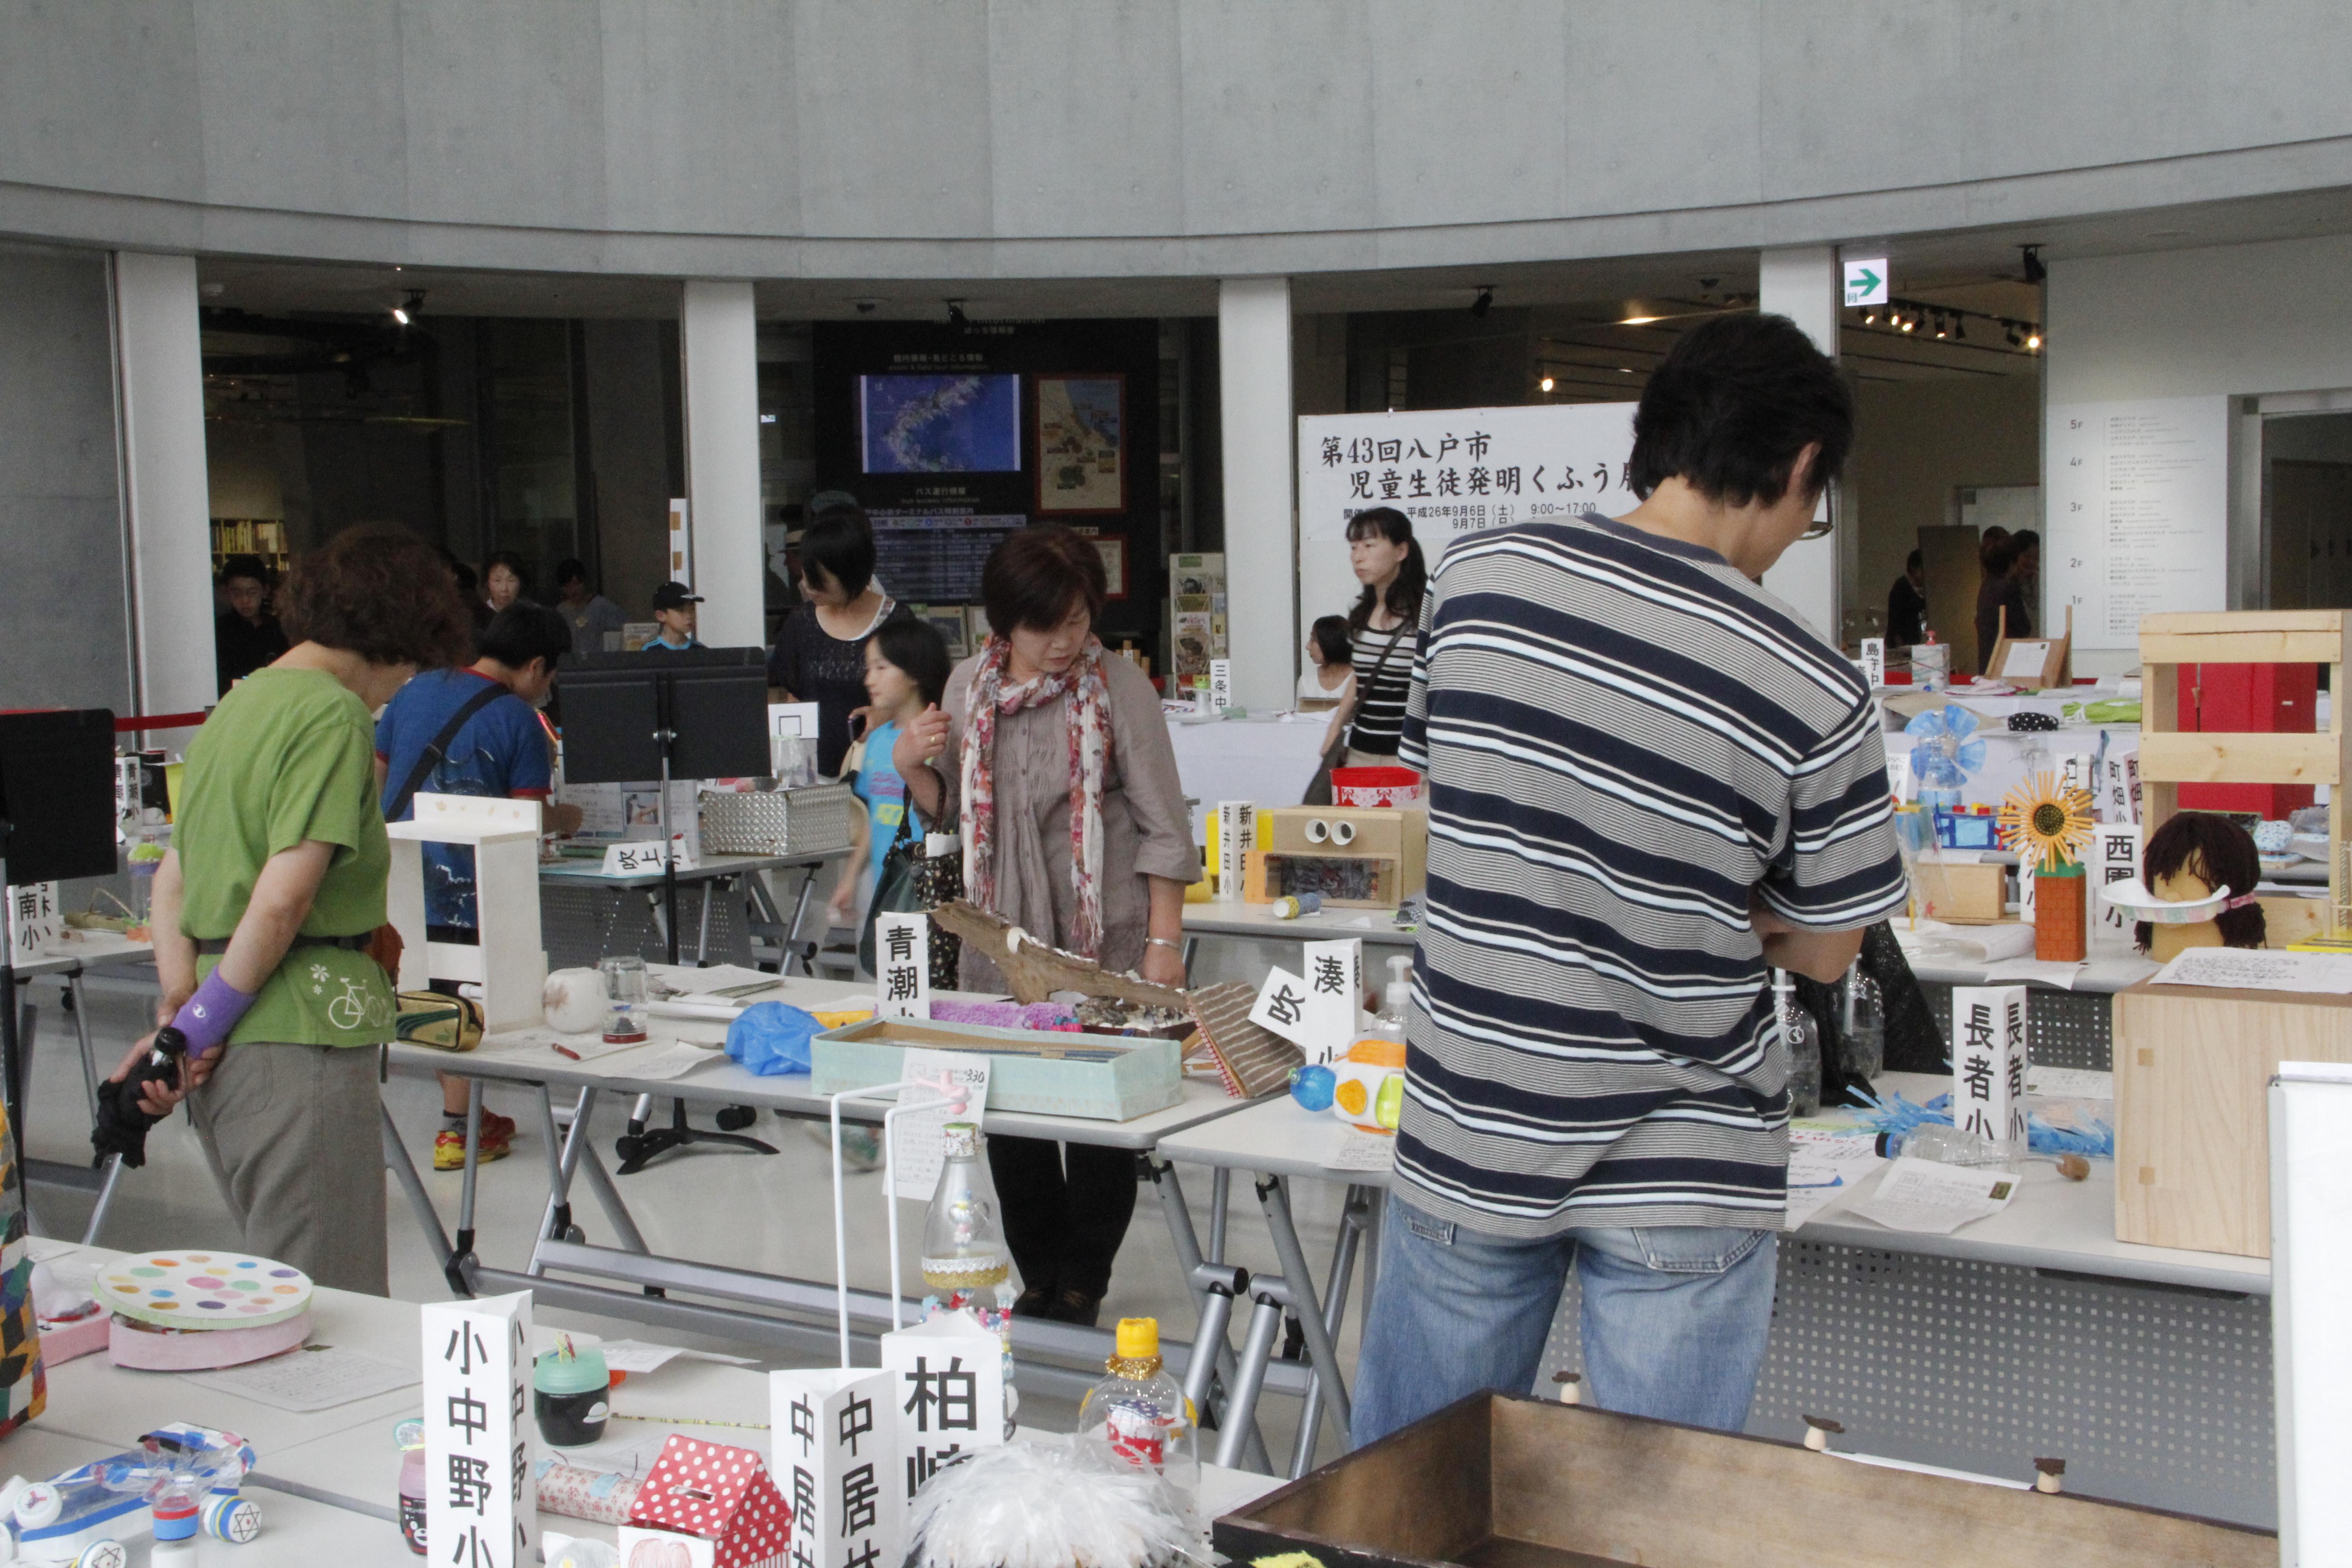 http://hacchi.jp/blog/upload/images/20140906%EF%BC%BF2.JPG